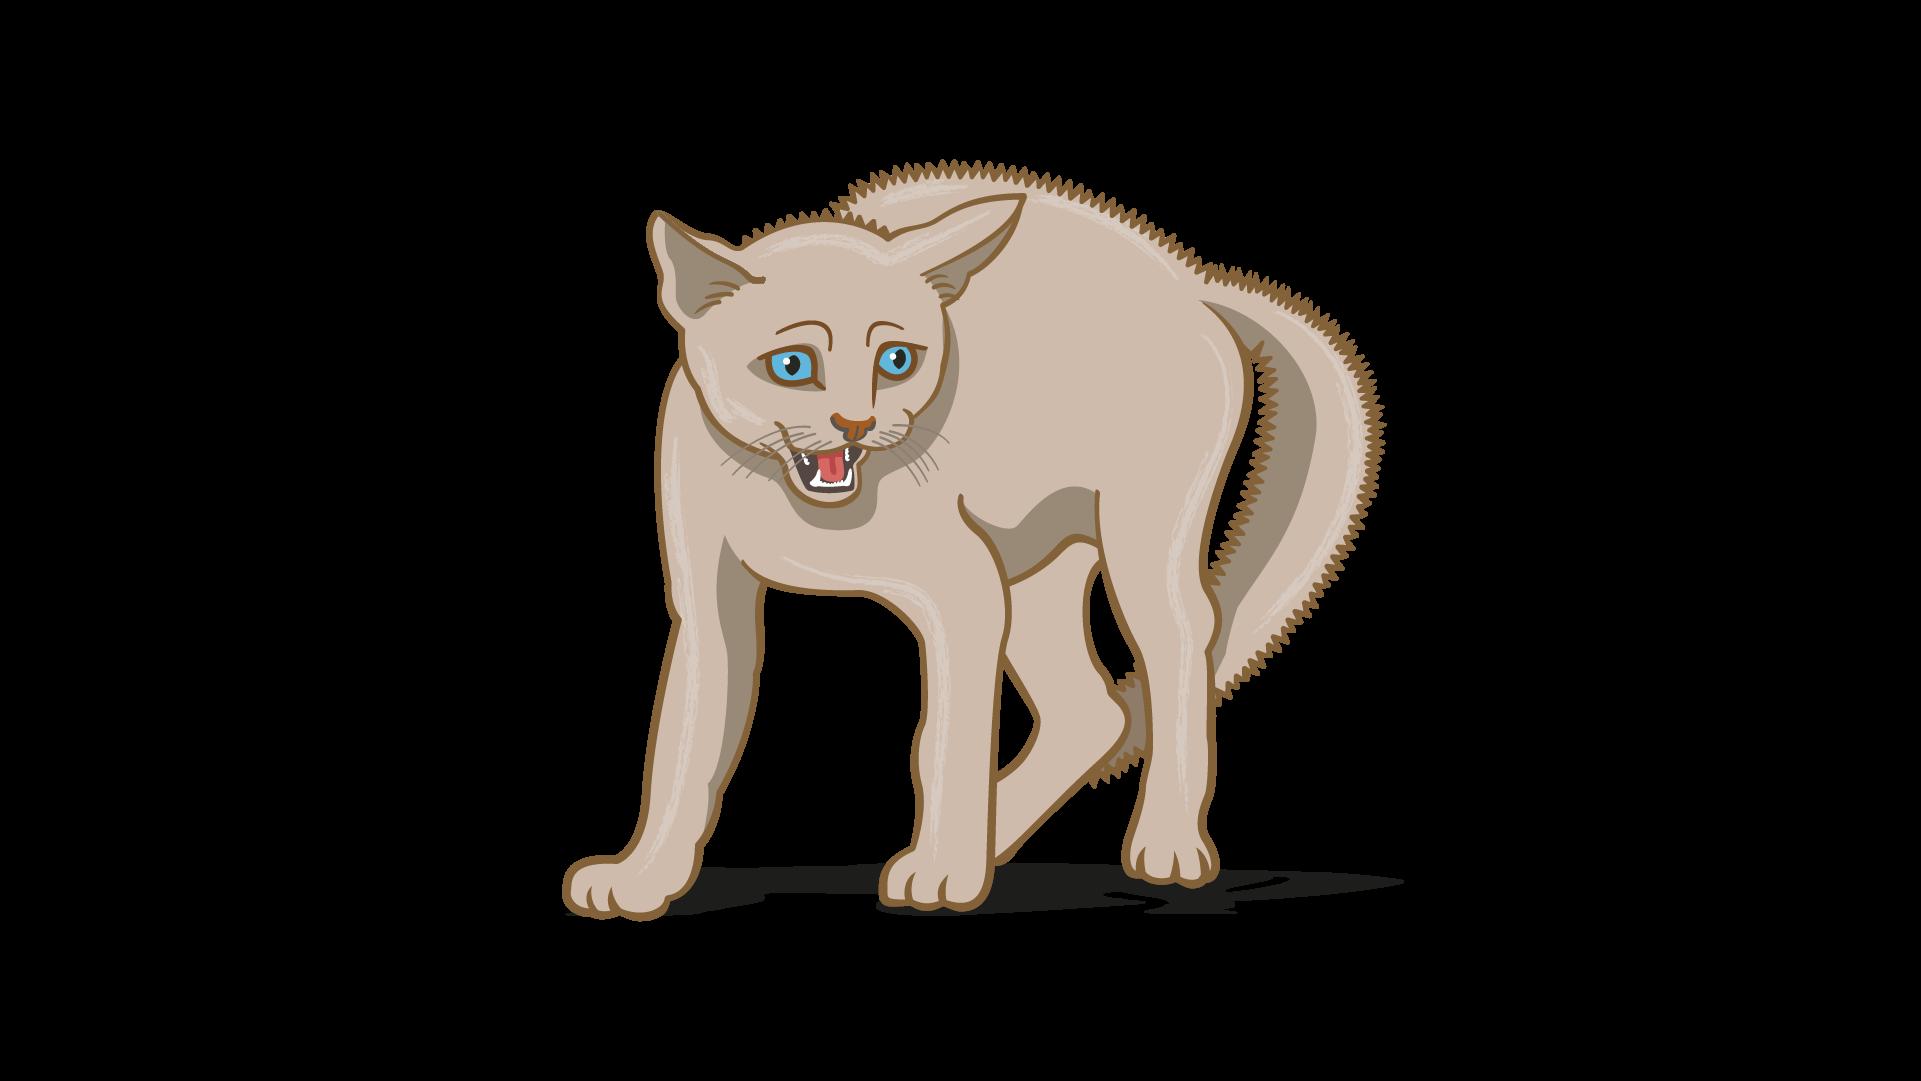 lenguaje corporal de gato temeroso